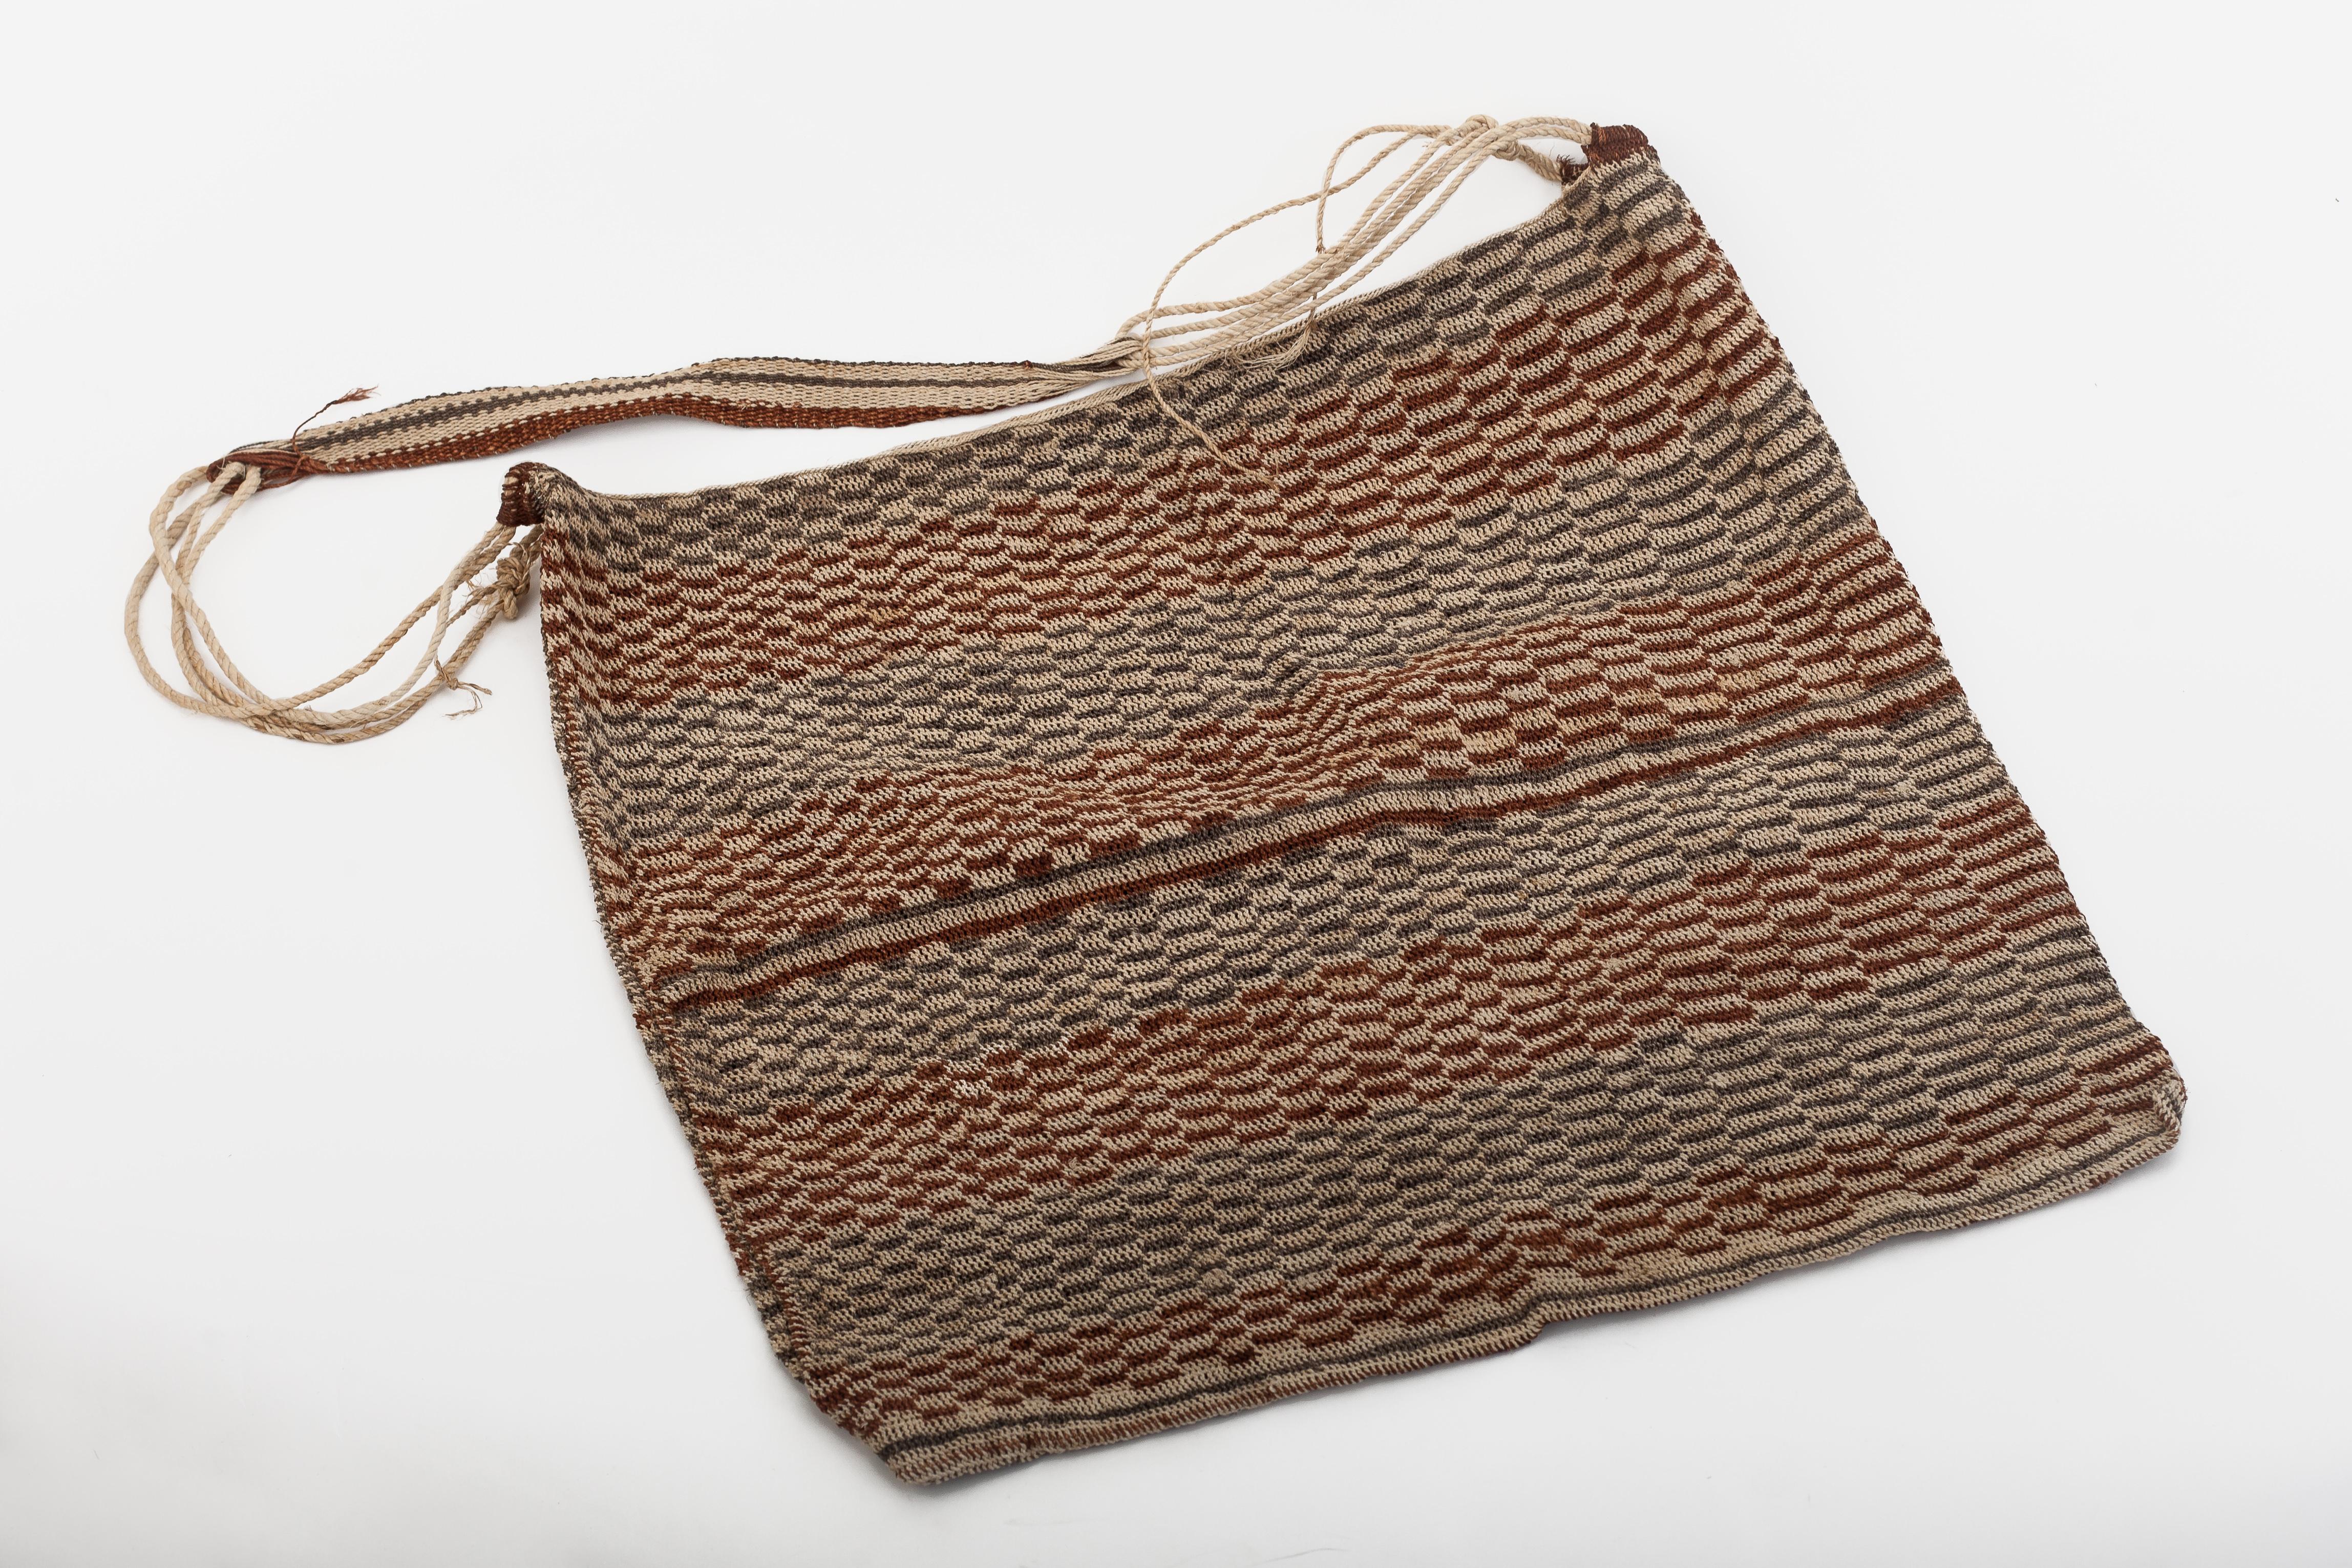 Man's bag – design unknown.